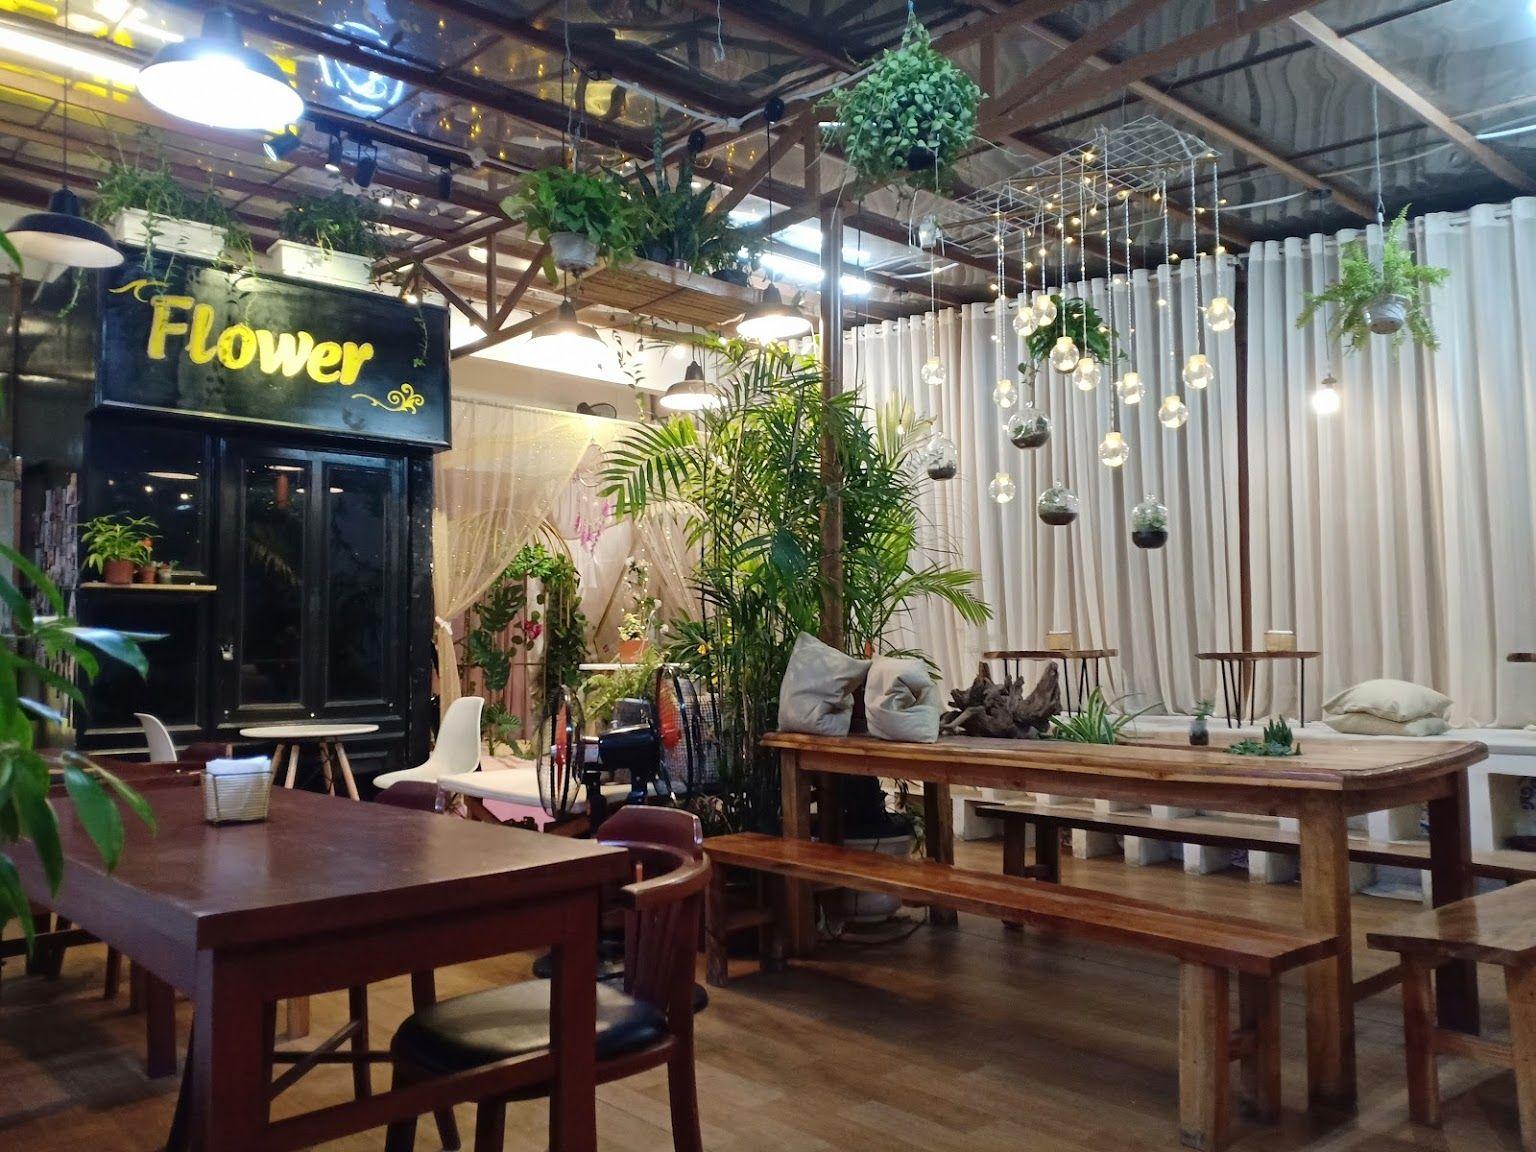 14 quán cafe sống ảo tung chảo ở quận Cầu Giấy   Justfly.vn